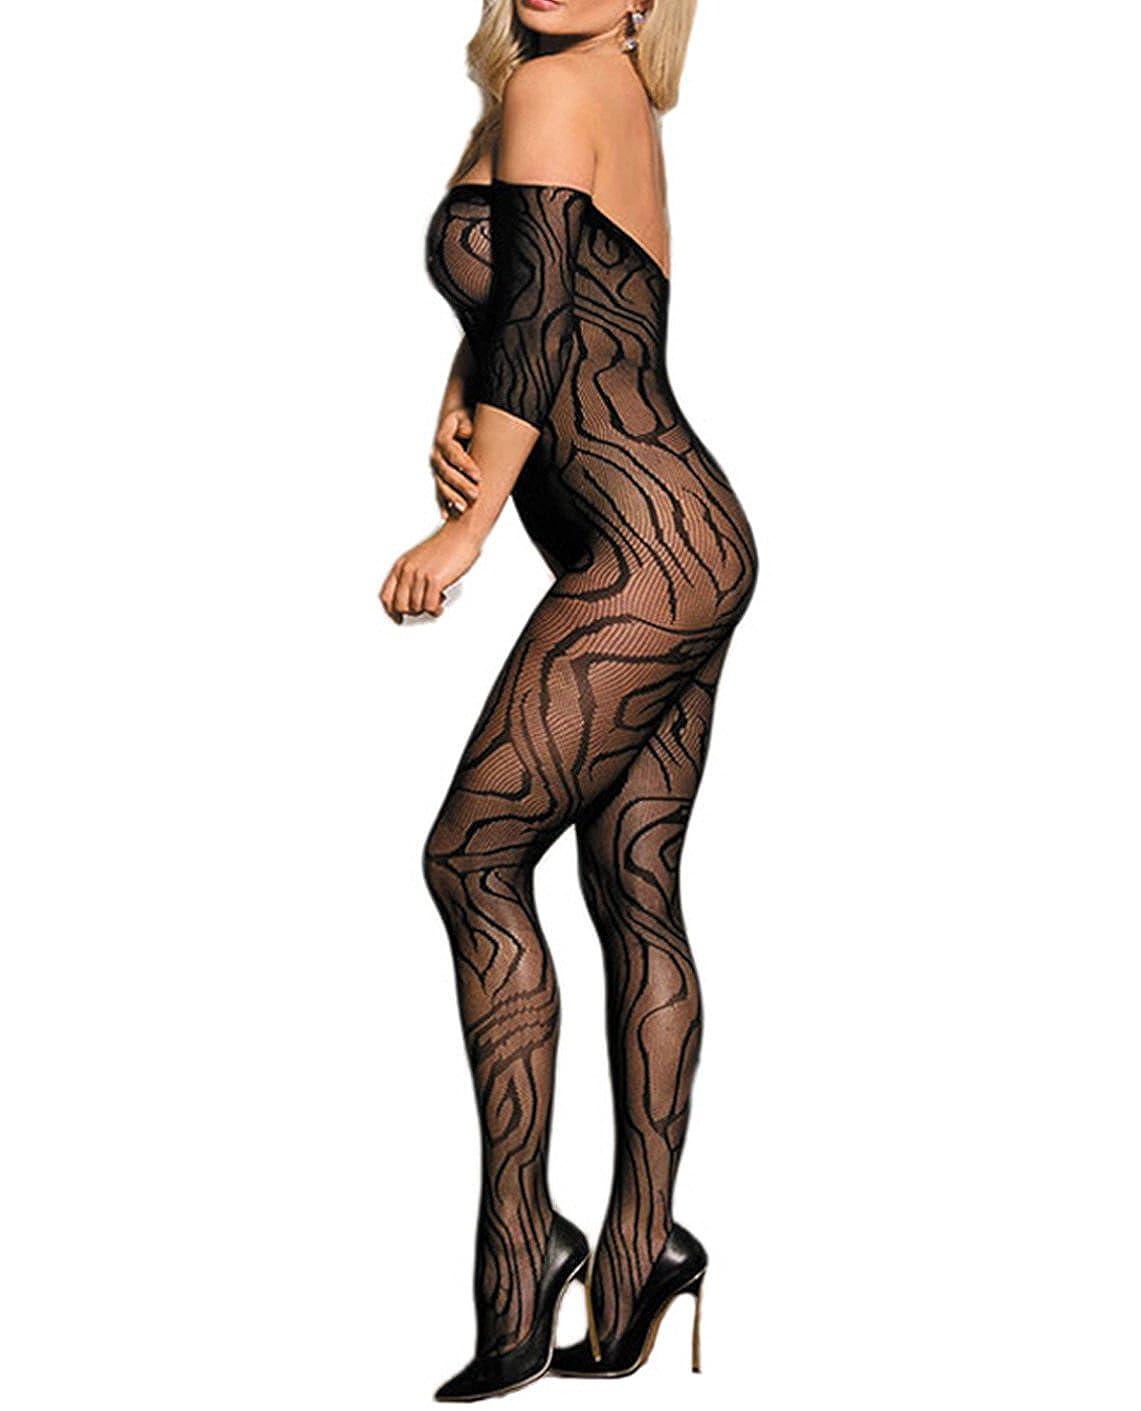 7b49924d2e8 Amazon.com  Lookswe Fishnet Bodystockings Women Short Sleeve Strapless  Lingerie Body Stockings S-XXL  Clothing